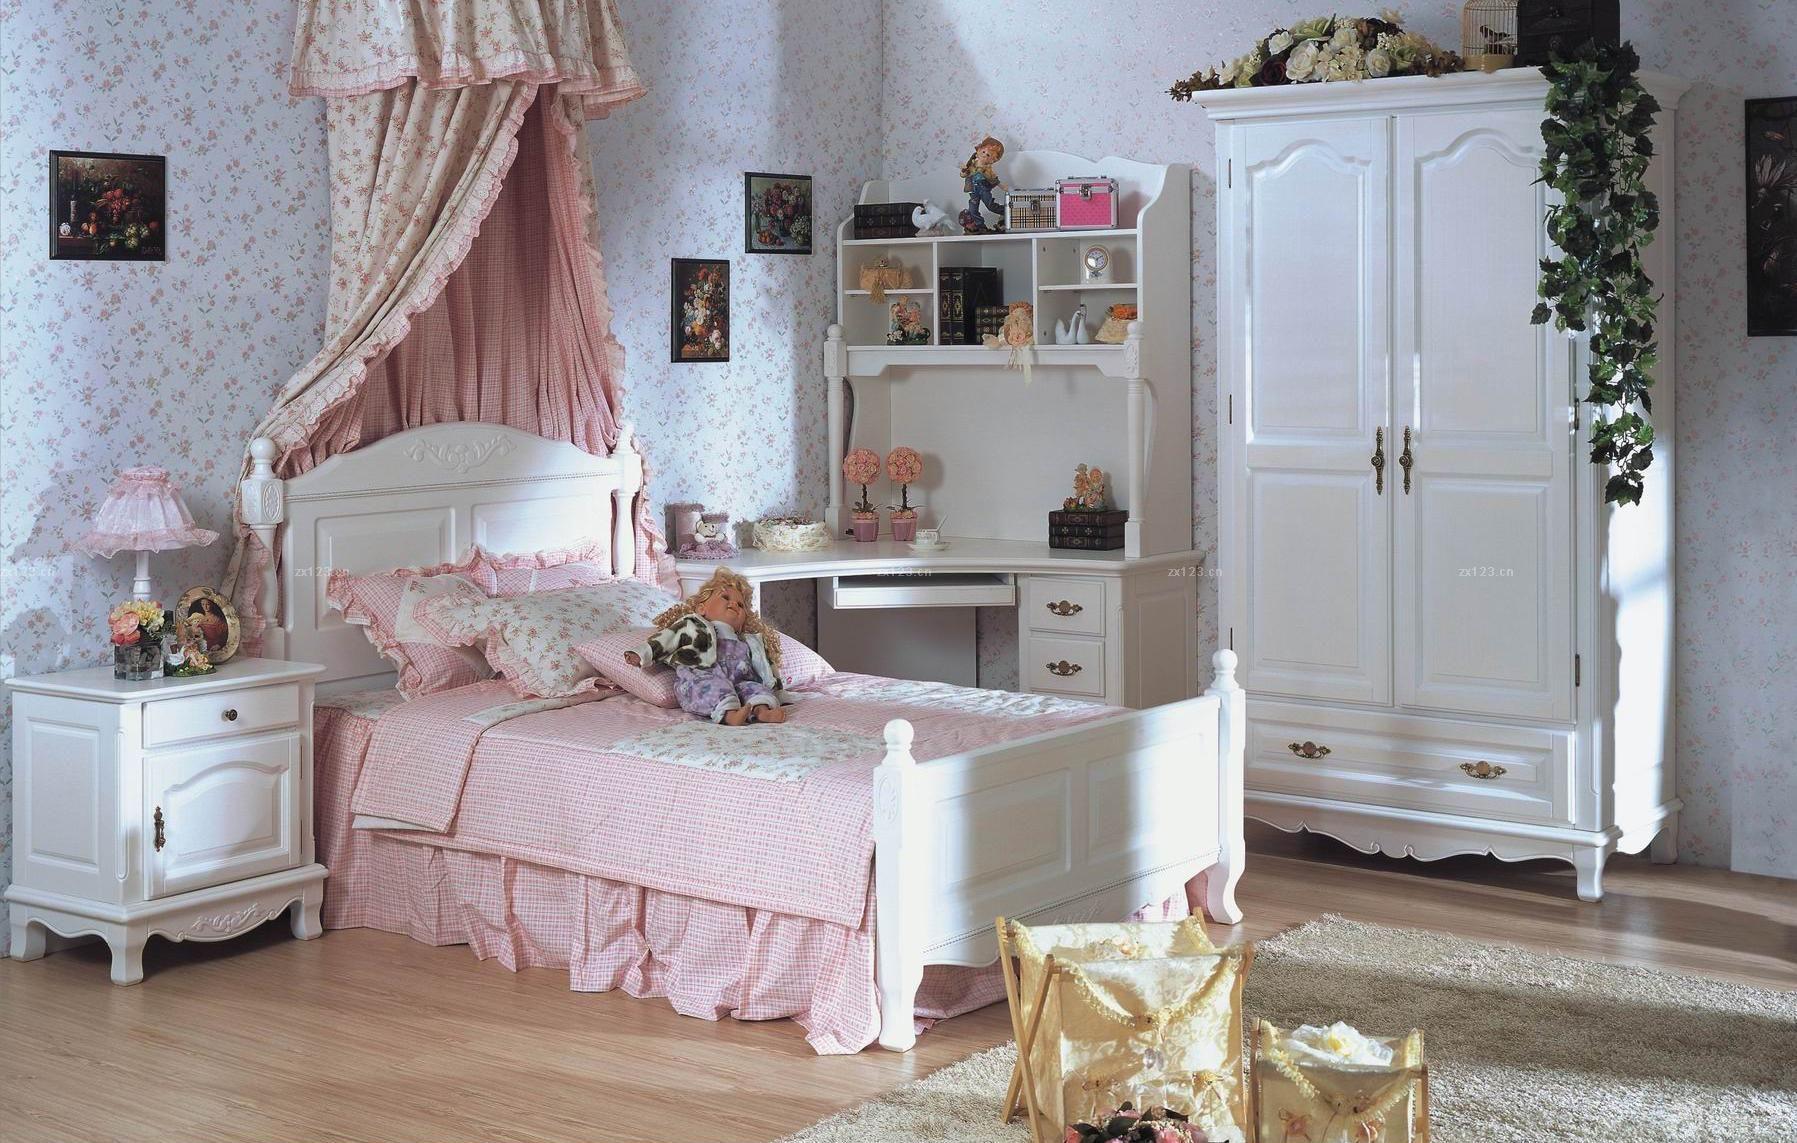 背景墙 房间 家居 设计 卧室 卧室装修 现代 装修 1797_1143图片